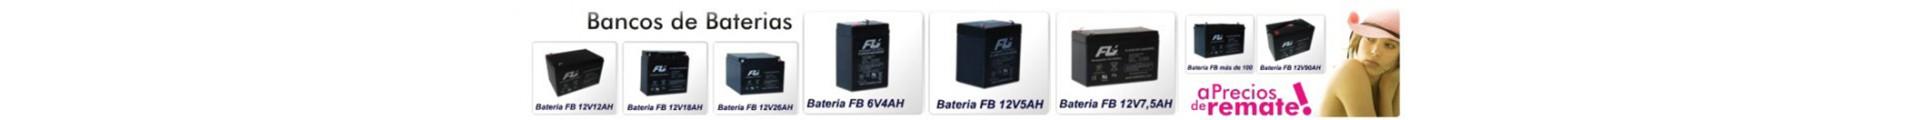 Bancos de baterías